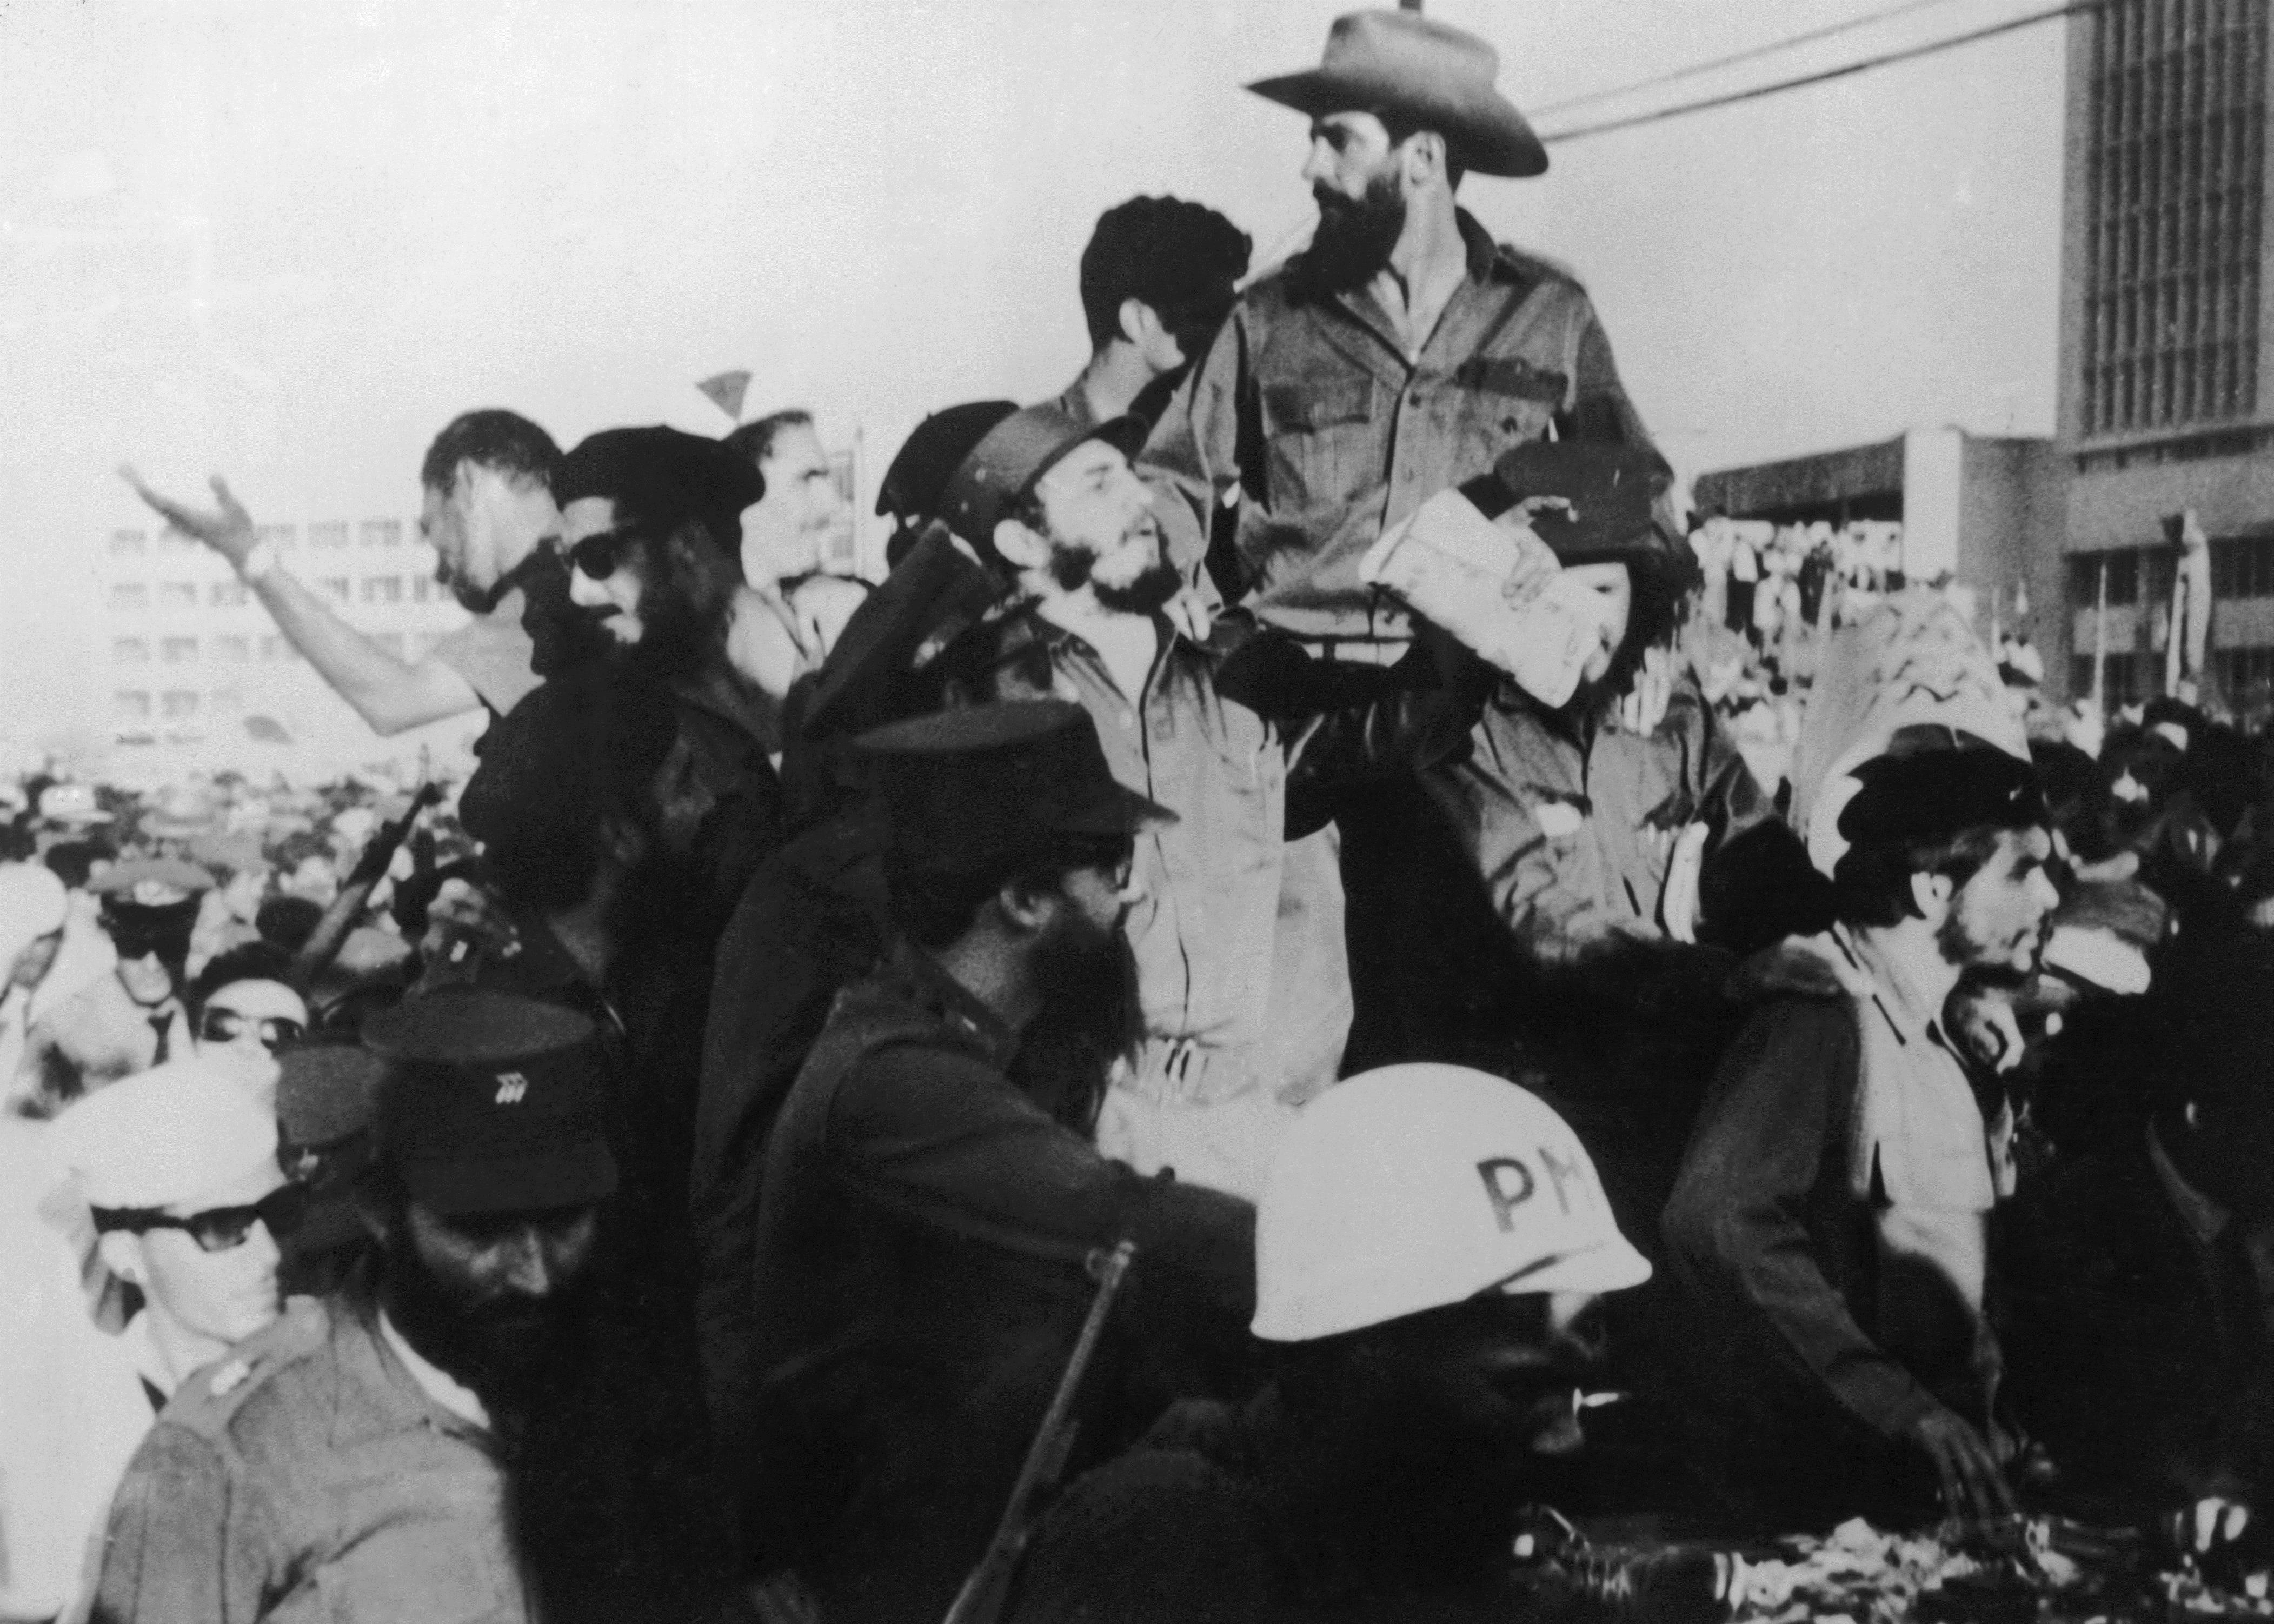 1 декември 1959 г. - Фидел Кастро пристига в Хавана заедно с Че Гевара.